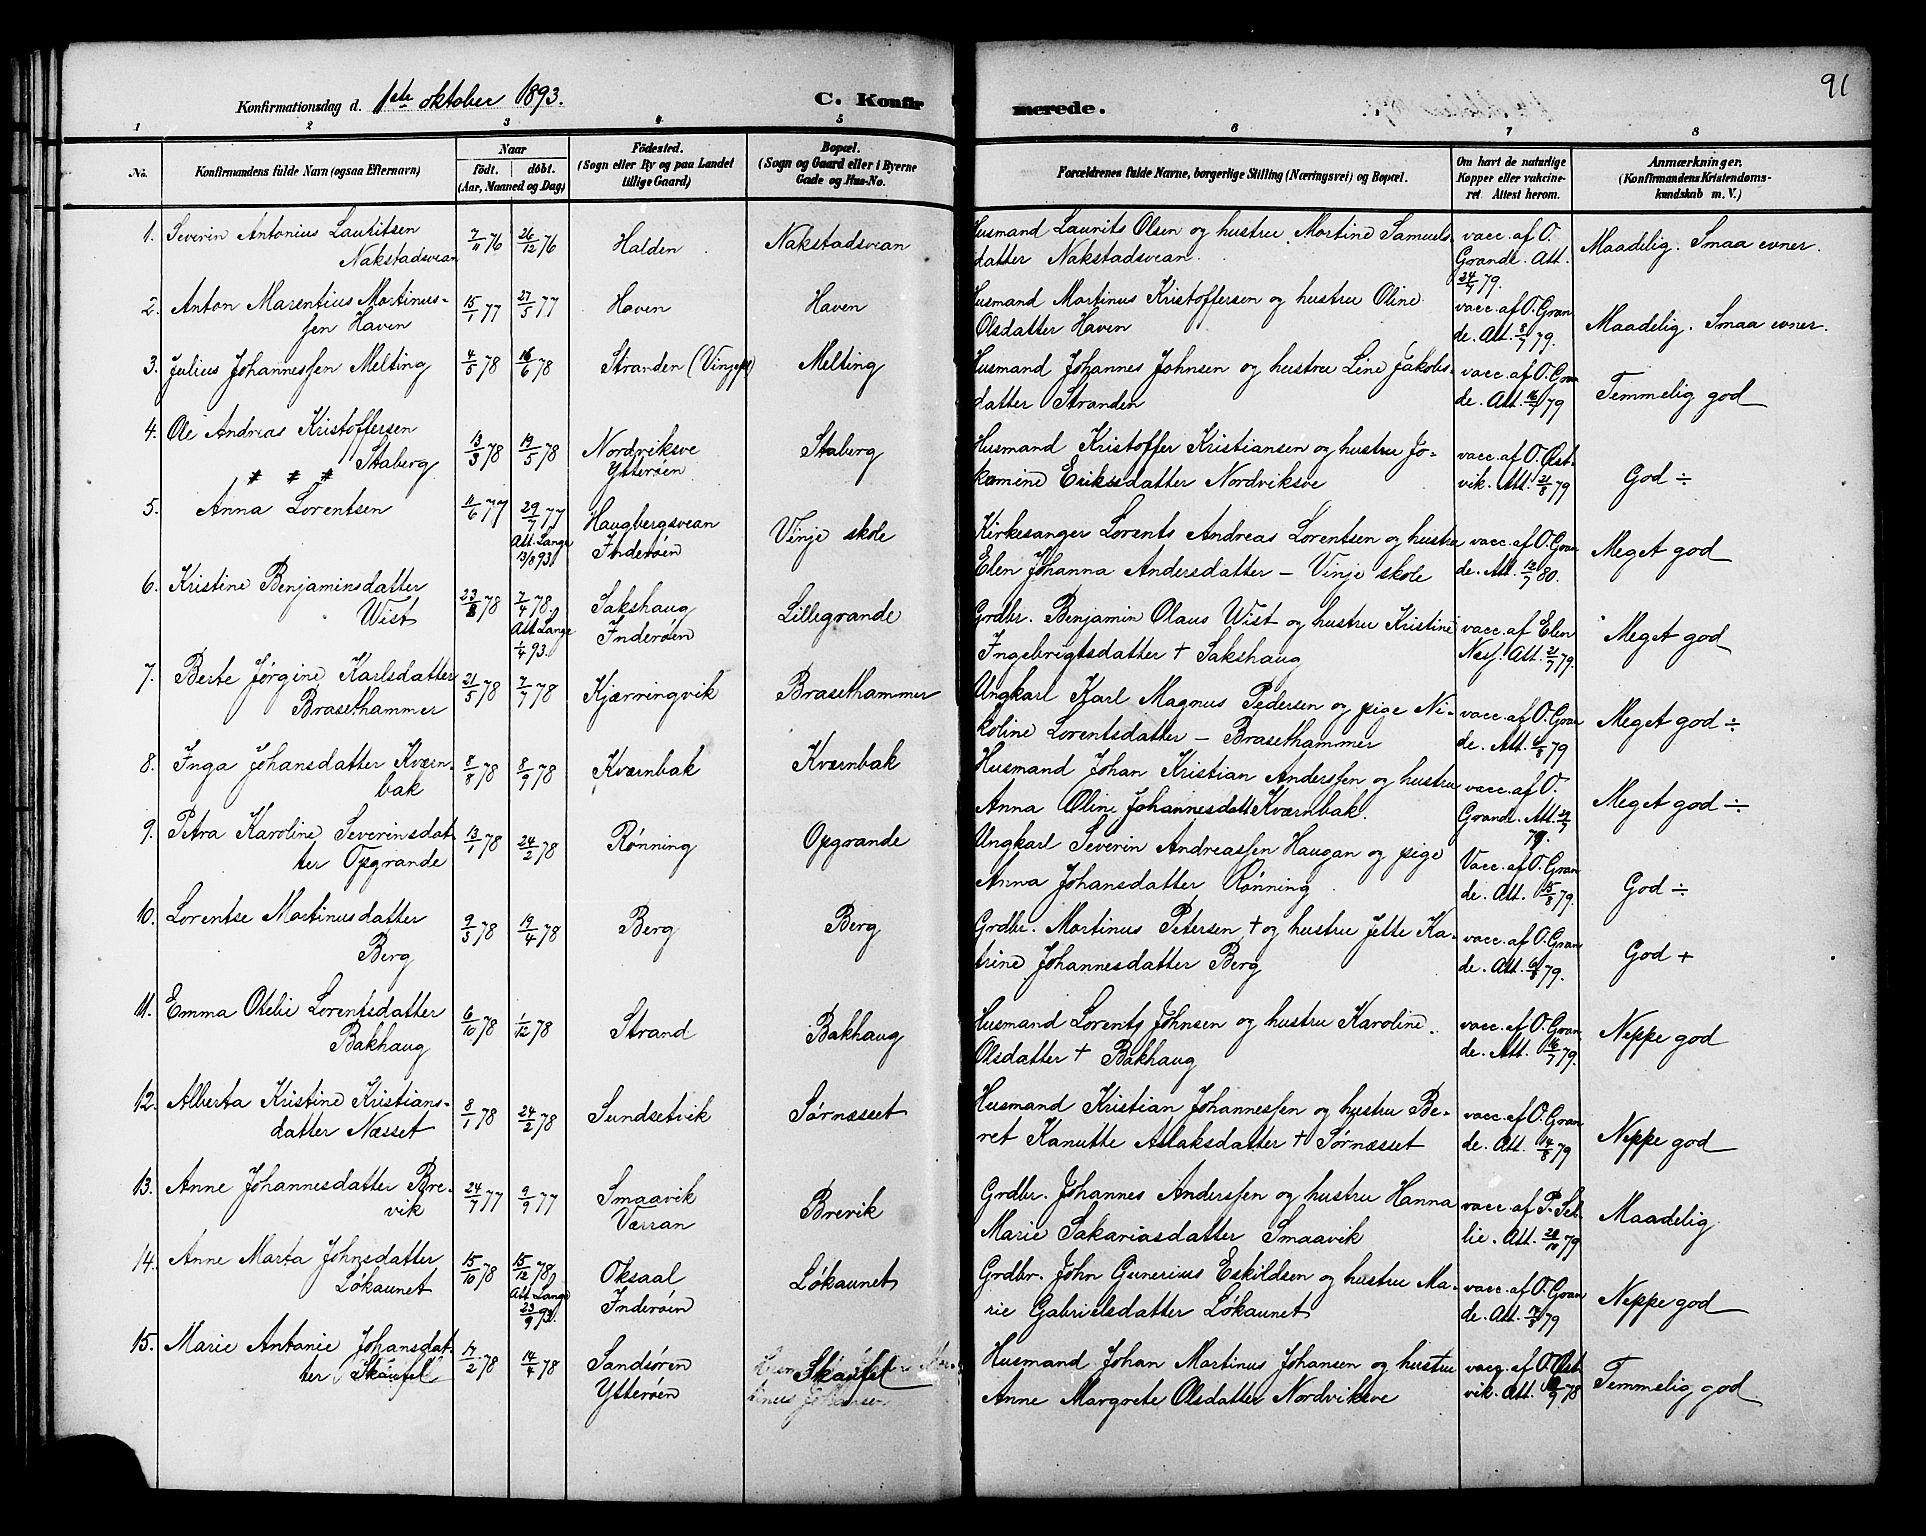 SAT, Ministerialprotokoller, klokkerbøker og fødselsregistre - Nord-Trøndelag, 733/L0327: Klokkerbok nr. 733C02, 1888-1918, s. 91